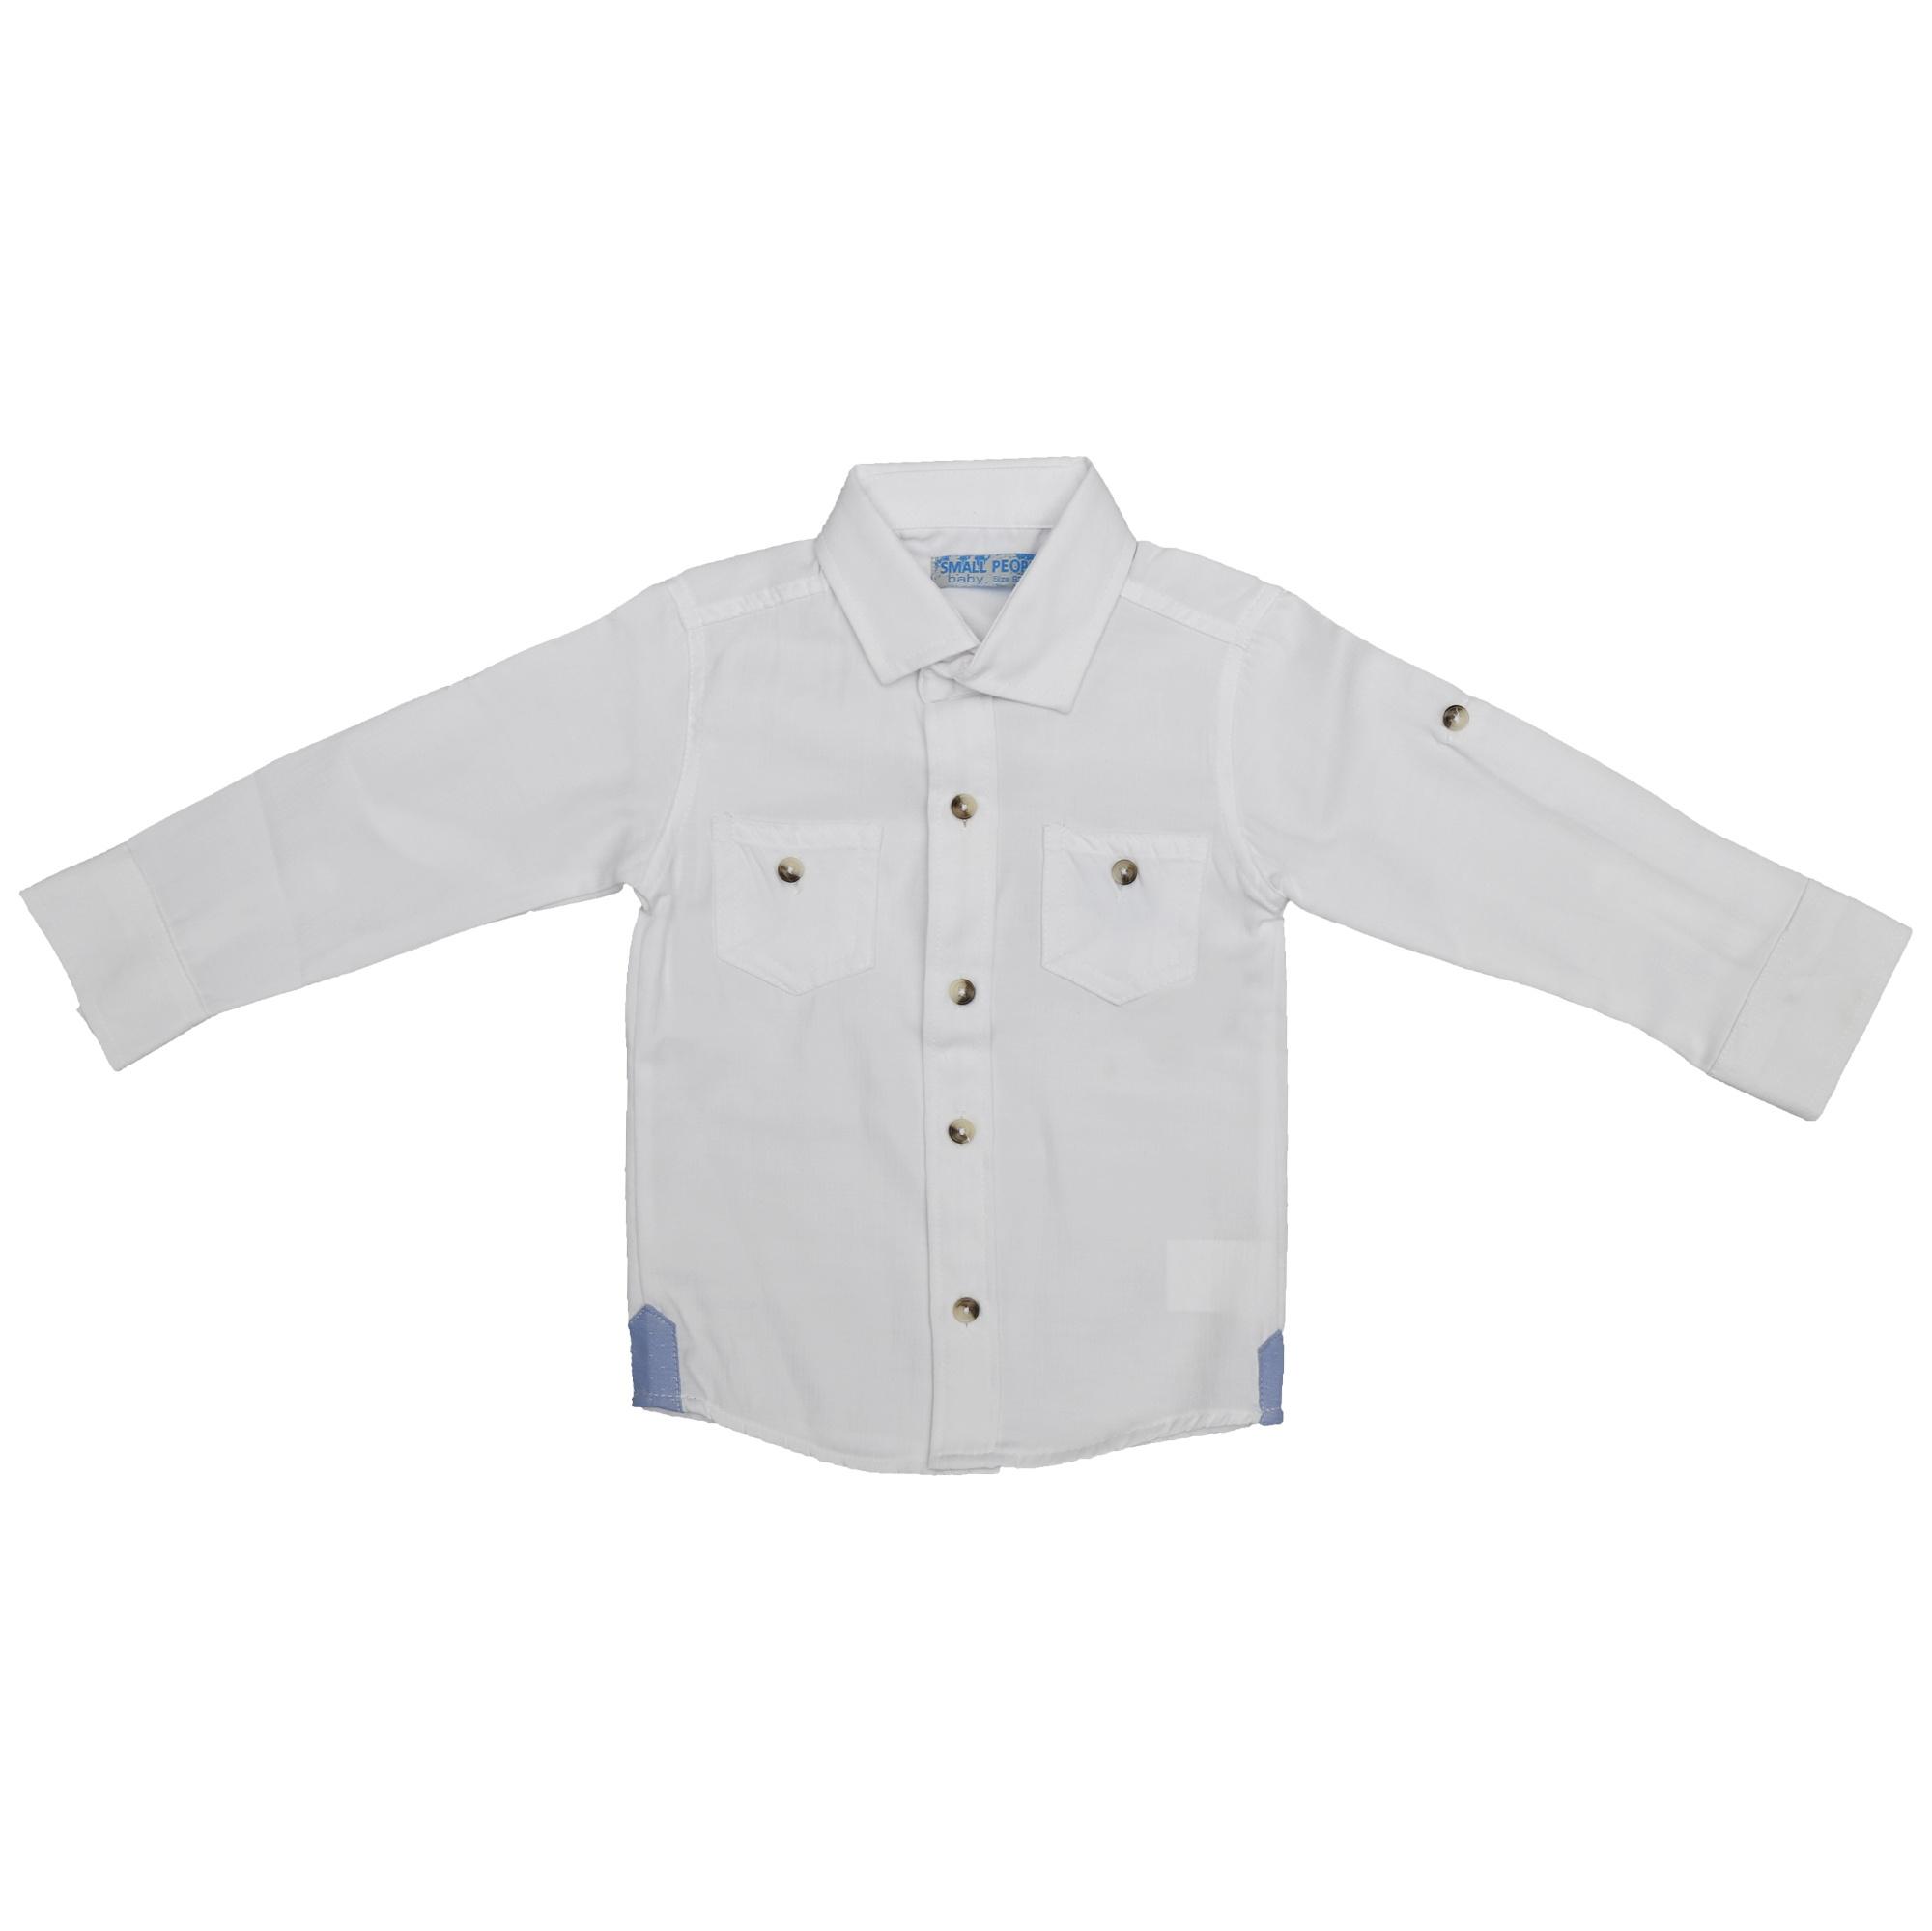 پیراهن پسرانه اسمال پیپل کد M-307